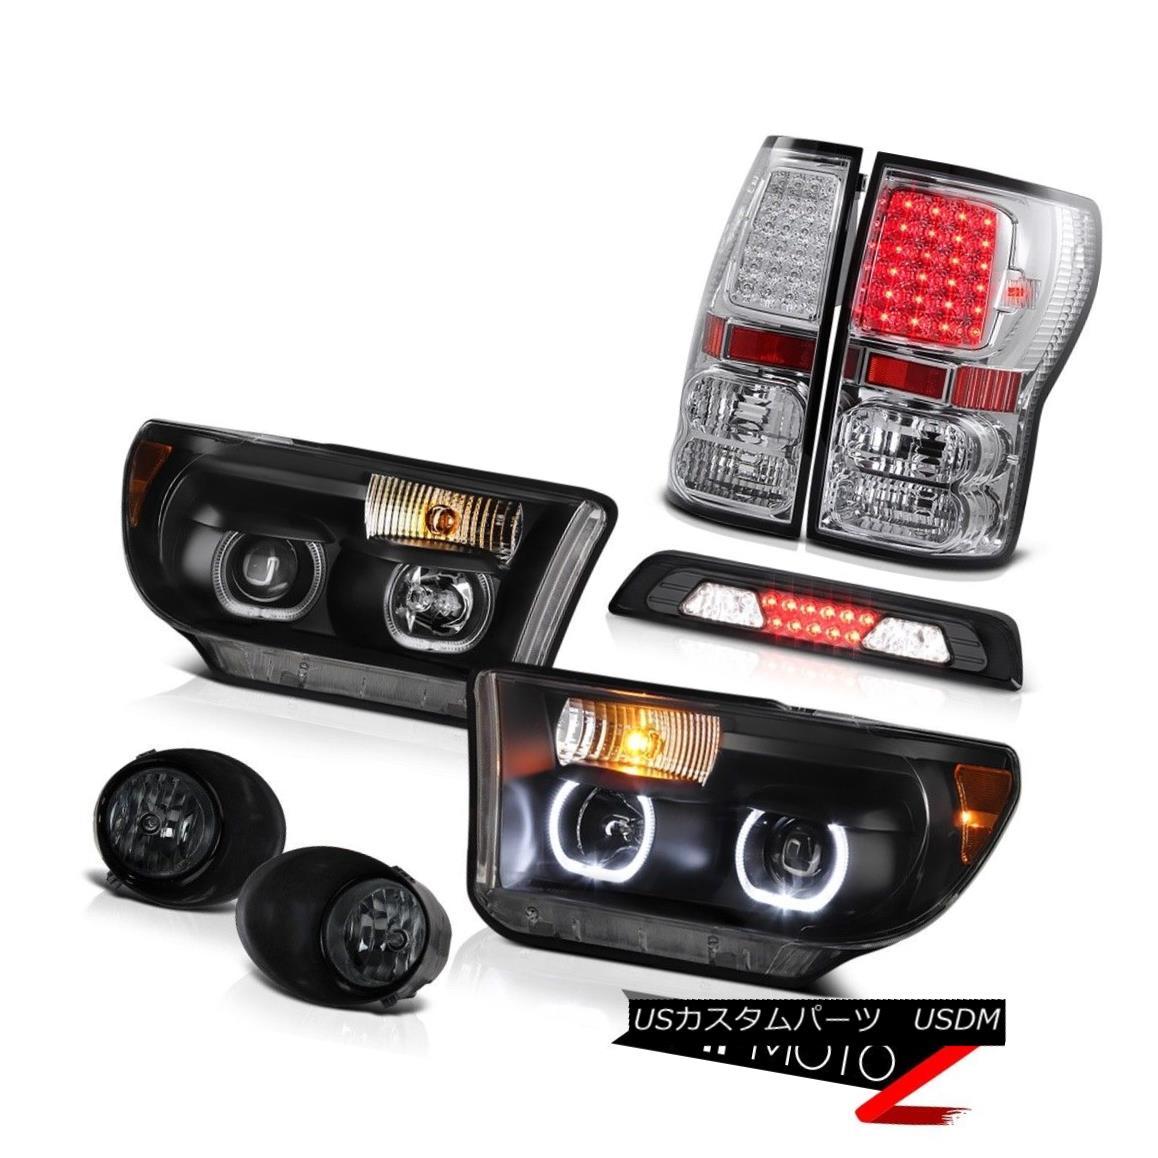 テールライト 07-13 Toyota Tundra SR5 Headlamps Smokey Foglights 3RD Brake Light Tail Lamps 07-13トヨタトンドラSR5ヘッドランプスモークフォグライト3RDブレーキライトテールランプ